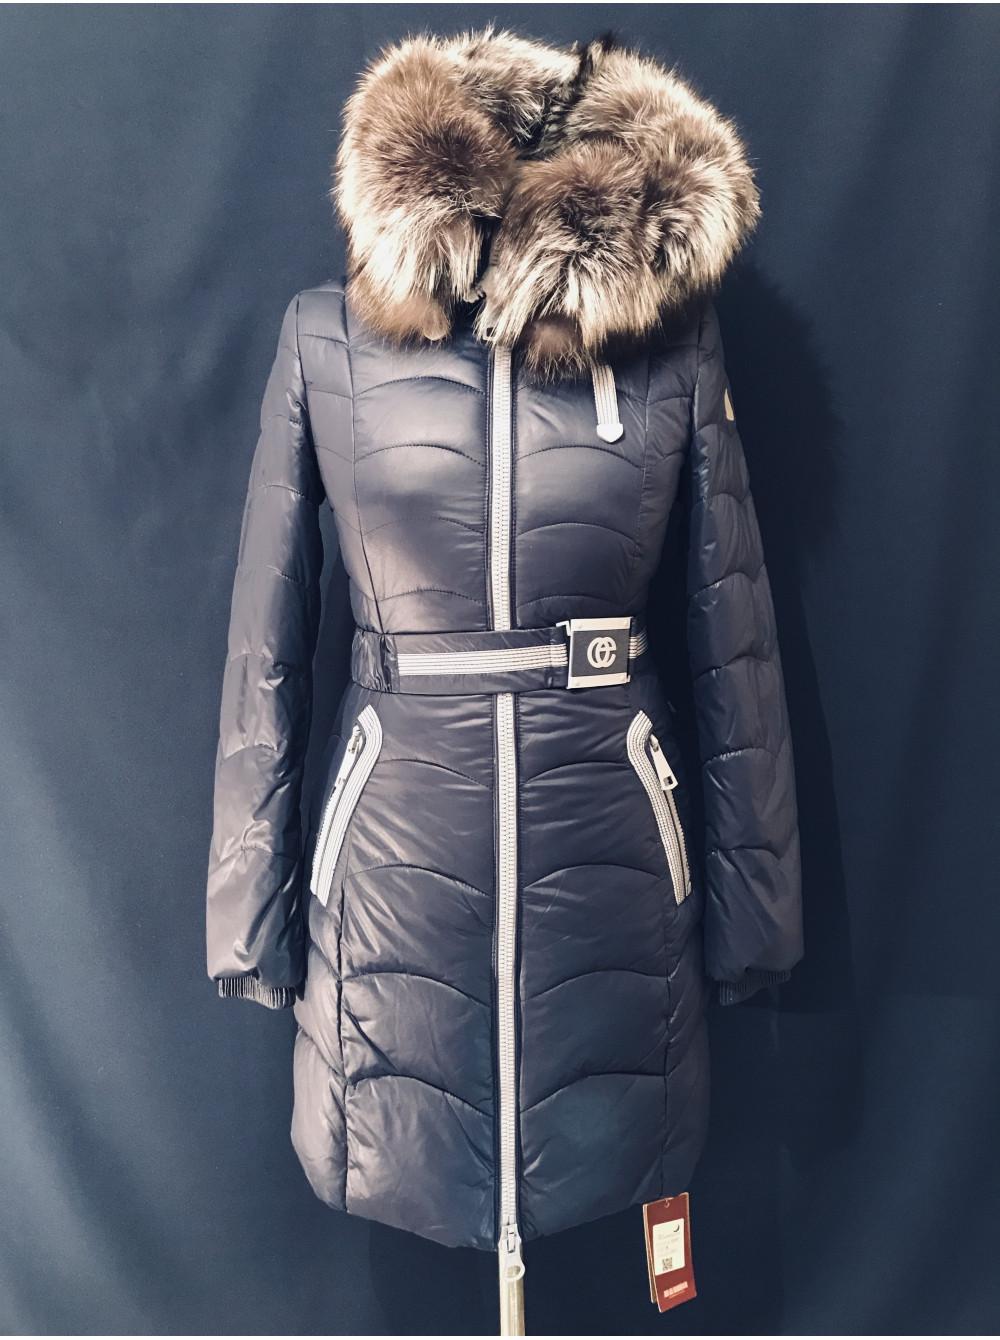 Жіноча зимова куртка з чорнобуркою на капюшоні. Натуральний наповнювач a46f707d47ab5